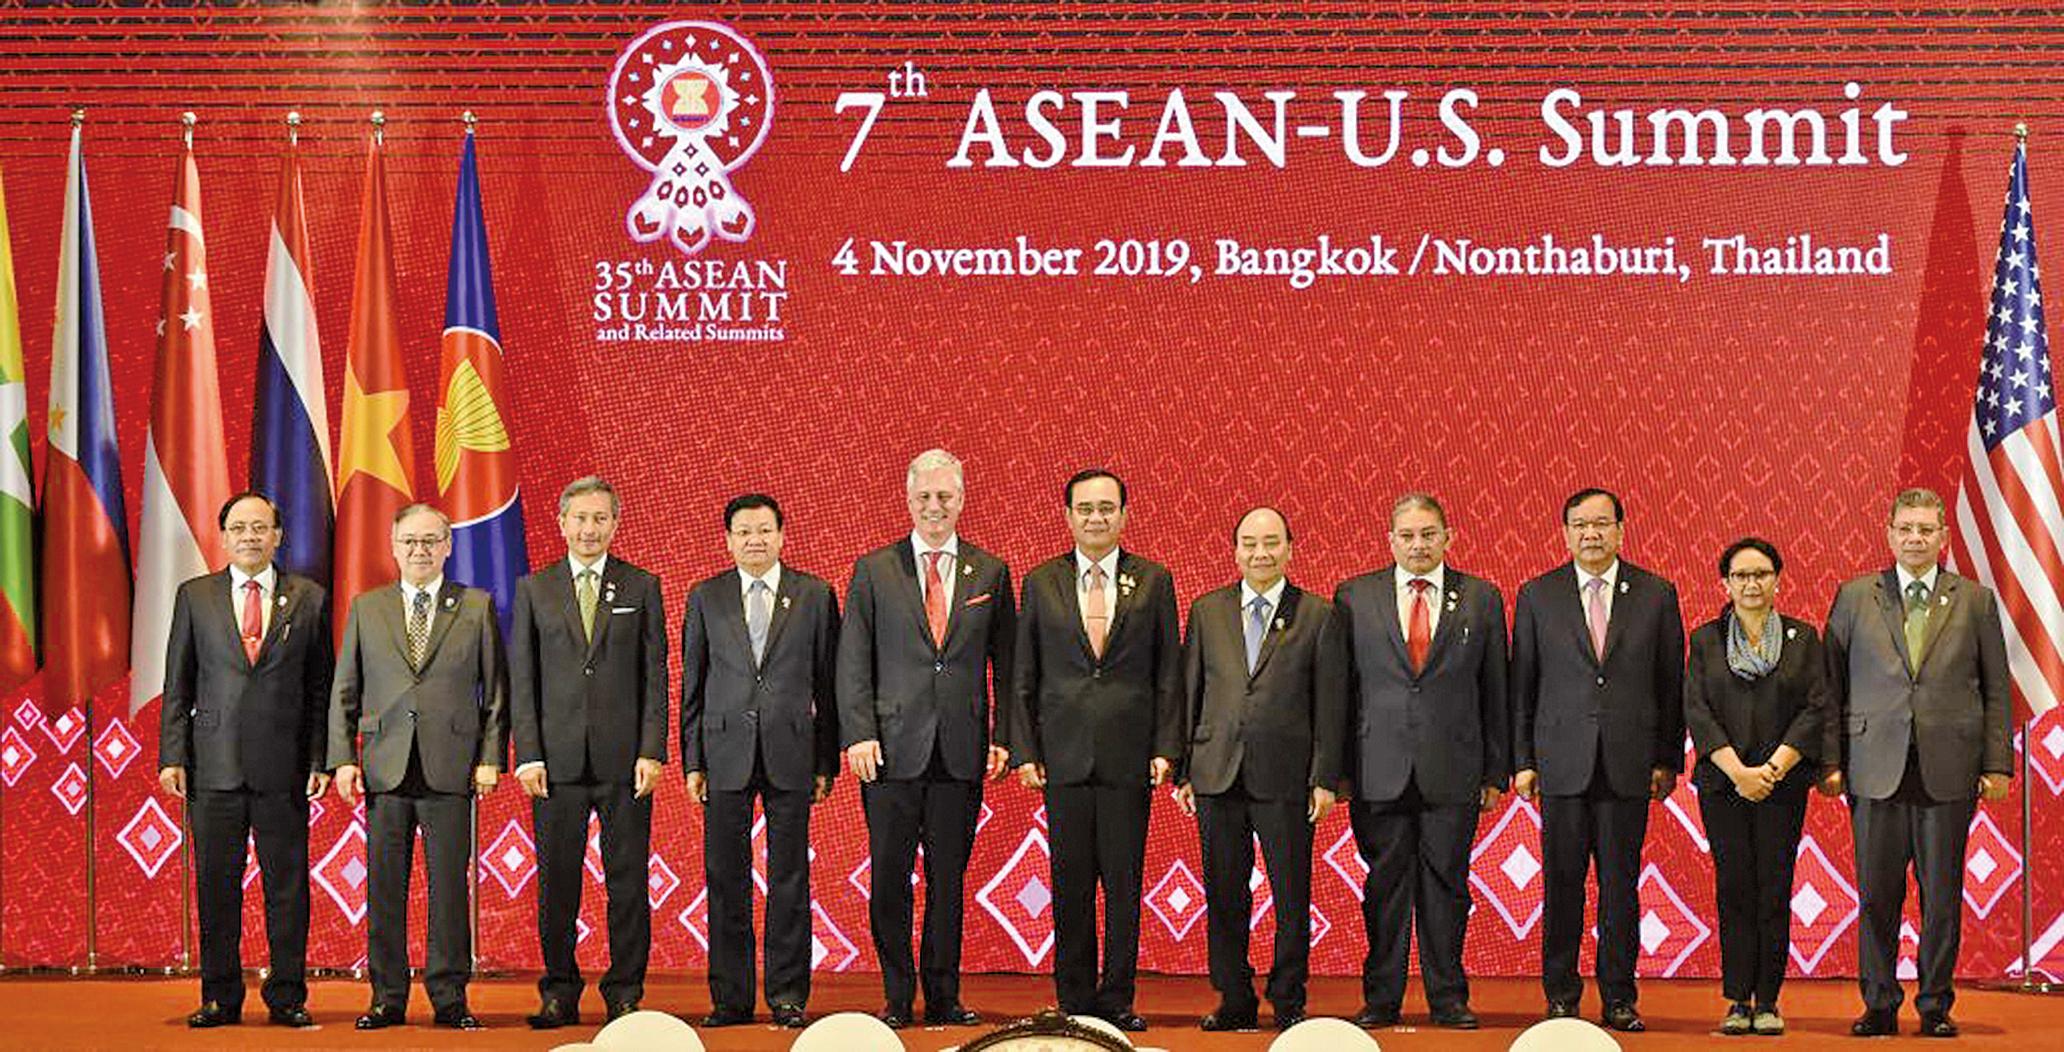 周一(11月4日)美國特使歐布萊恩(左五)在東盟美國高峰會(ASEAN-US Summit)上發言。(AFP)